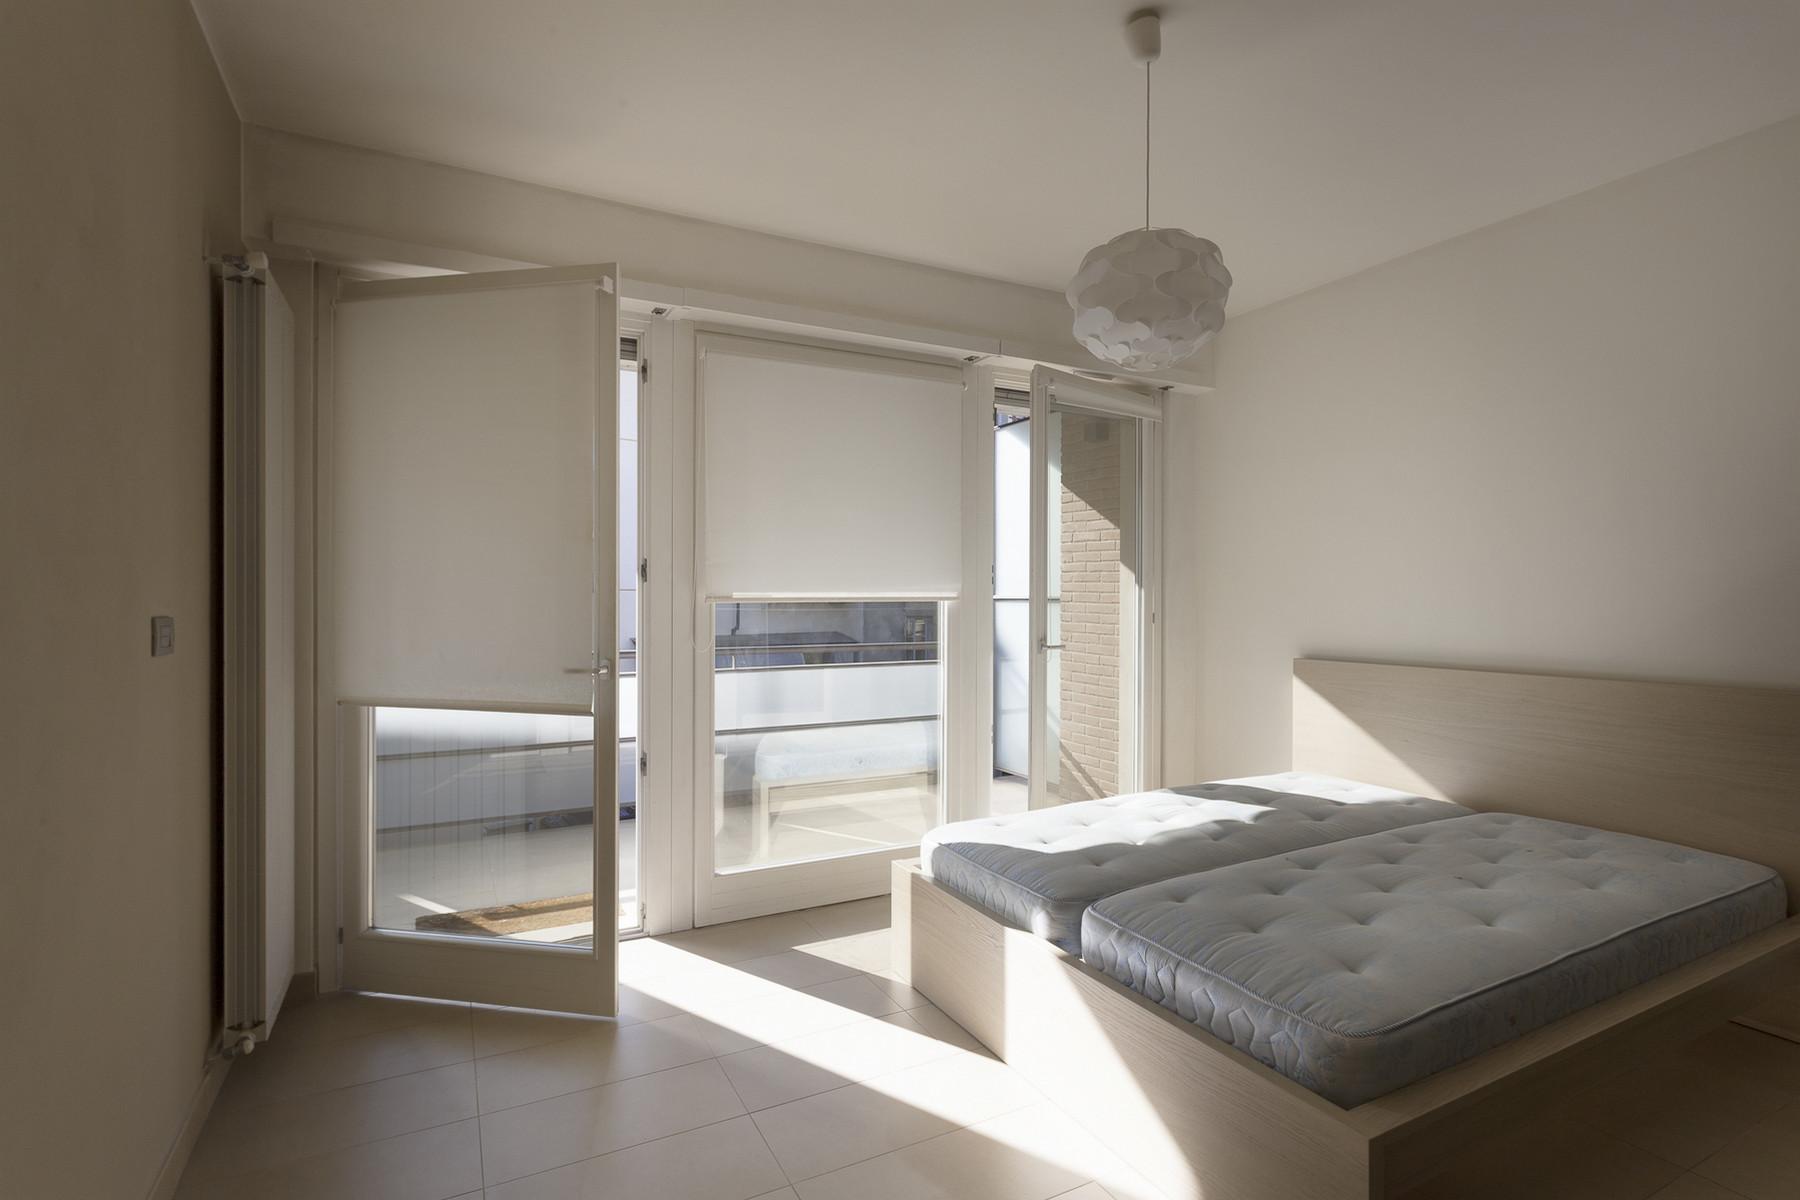 Appartamento di lusso in affitto a torino via sciolze for Appartamento design torino affitto